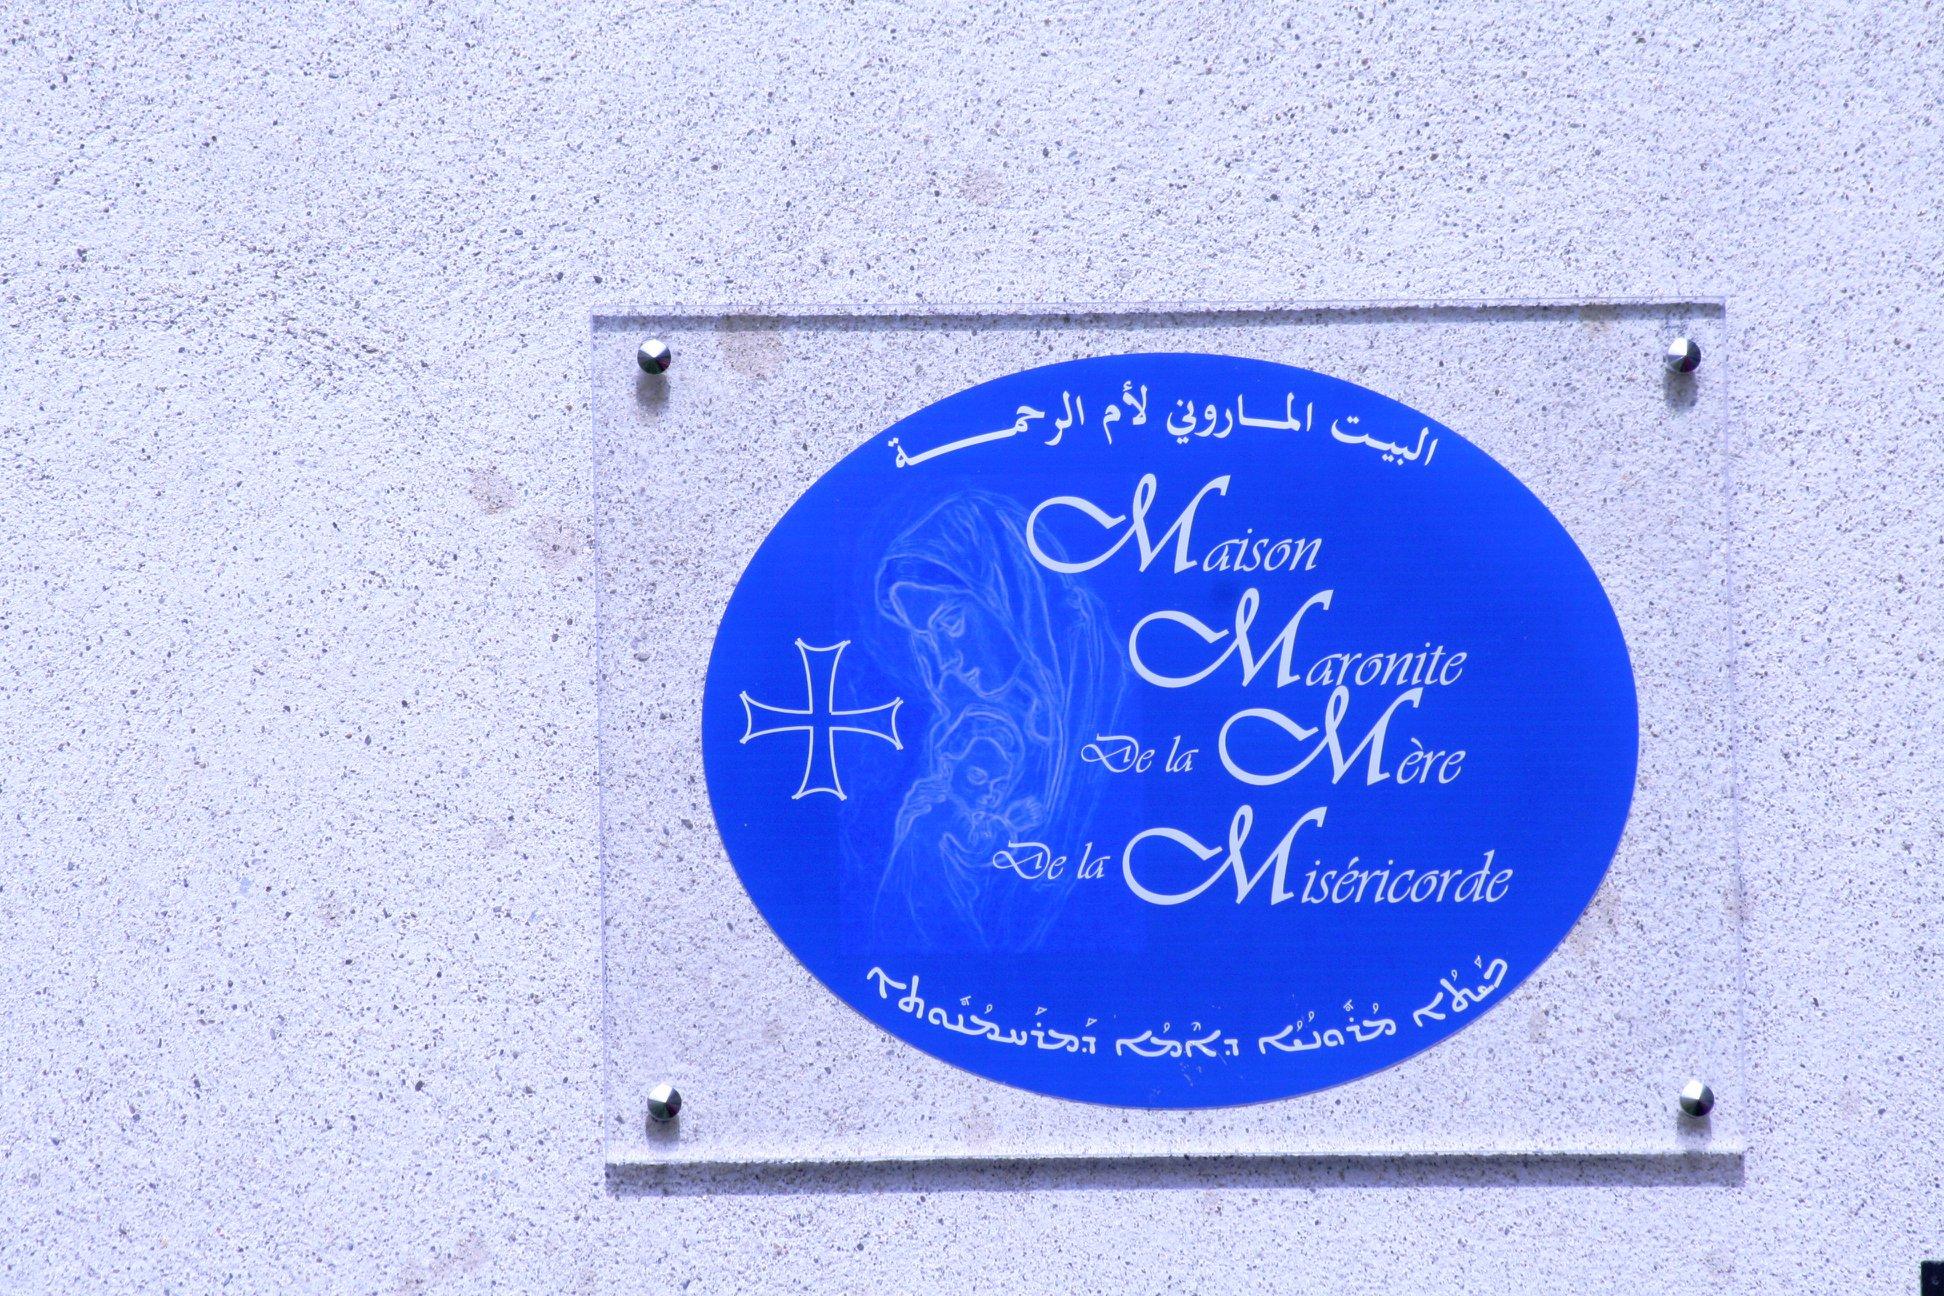 Un événement marquant dans l'histoire de l'Abbaye de Saint Pé-de-Bigorre